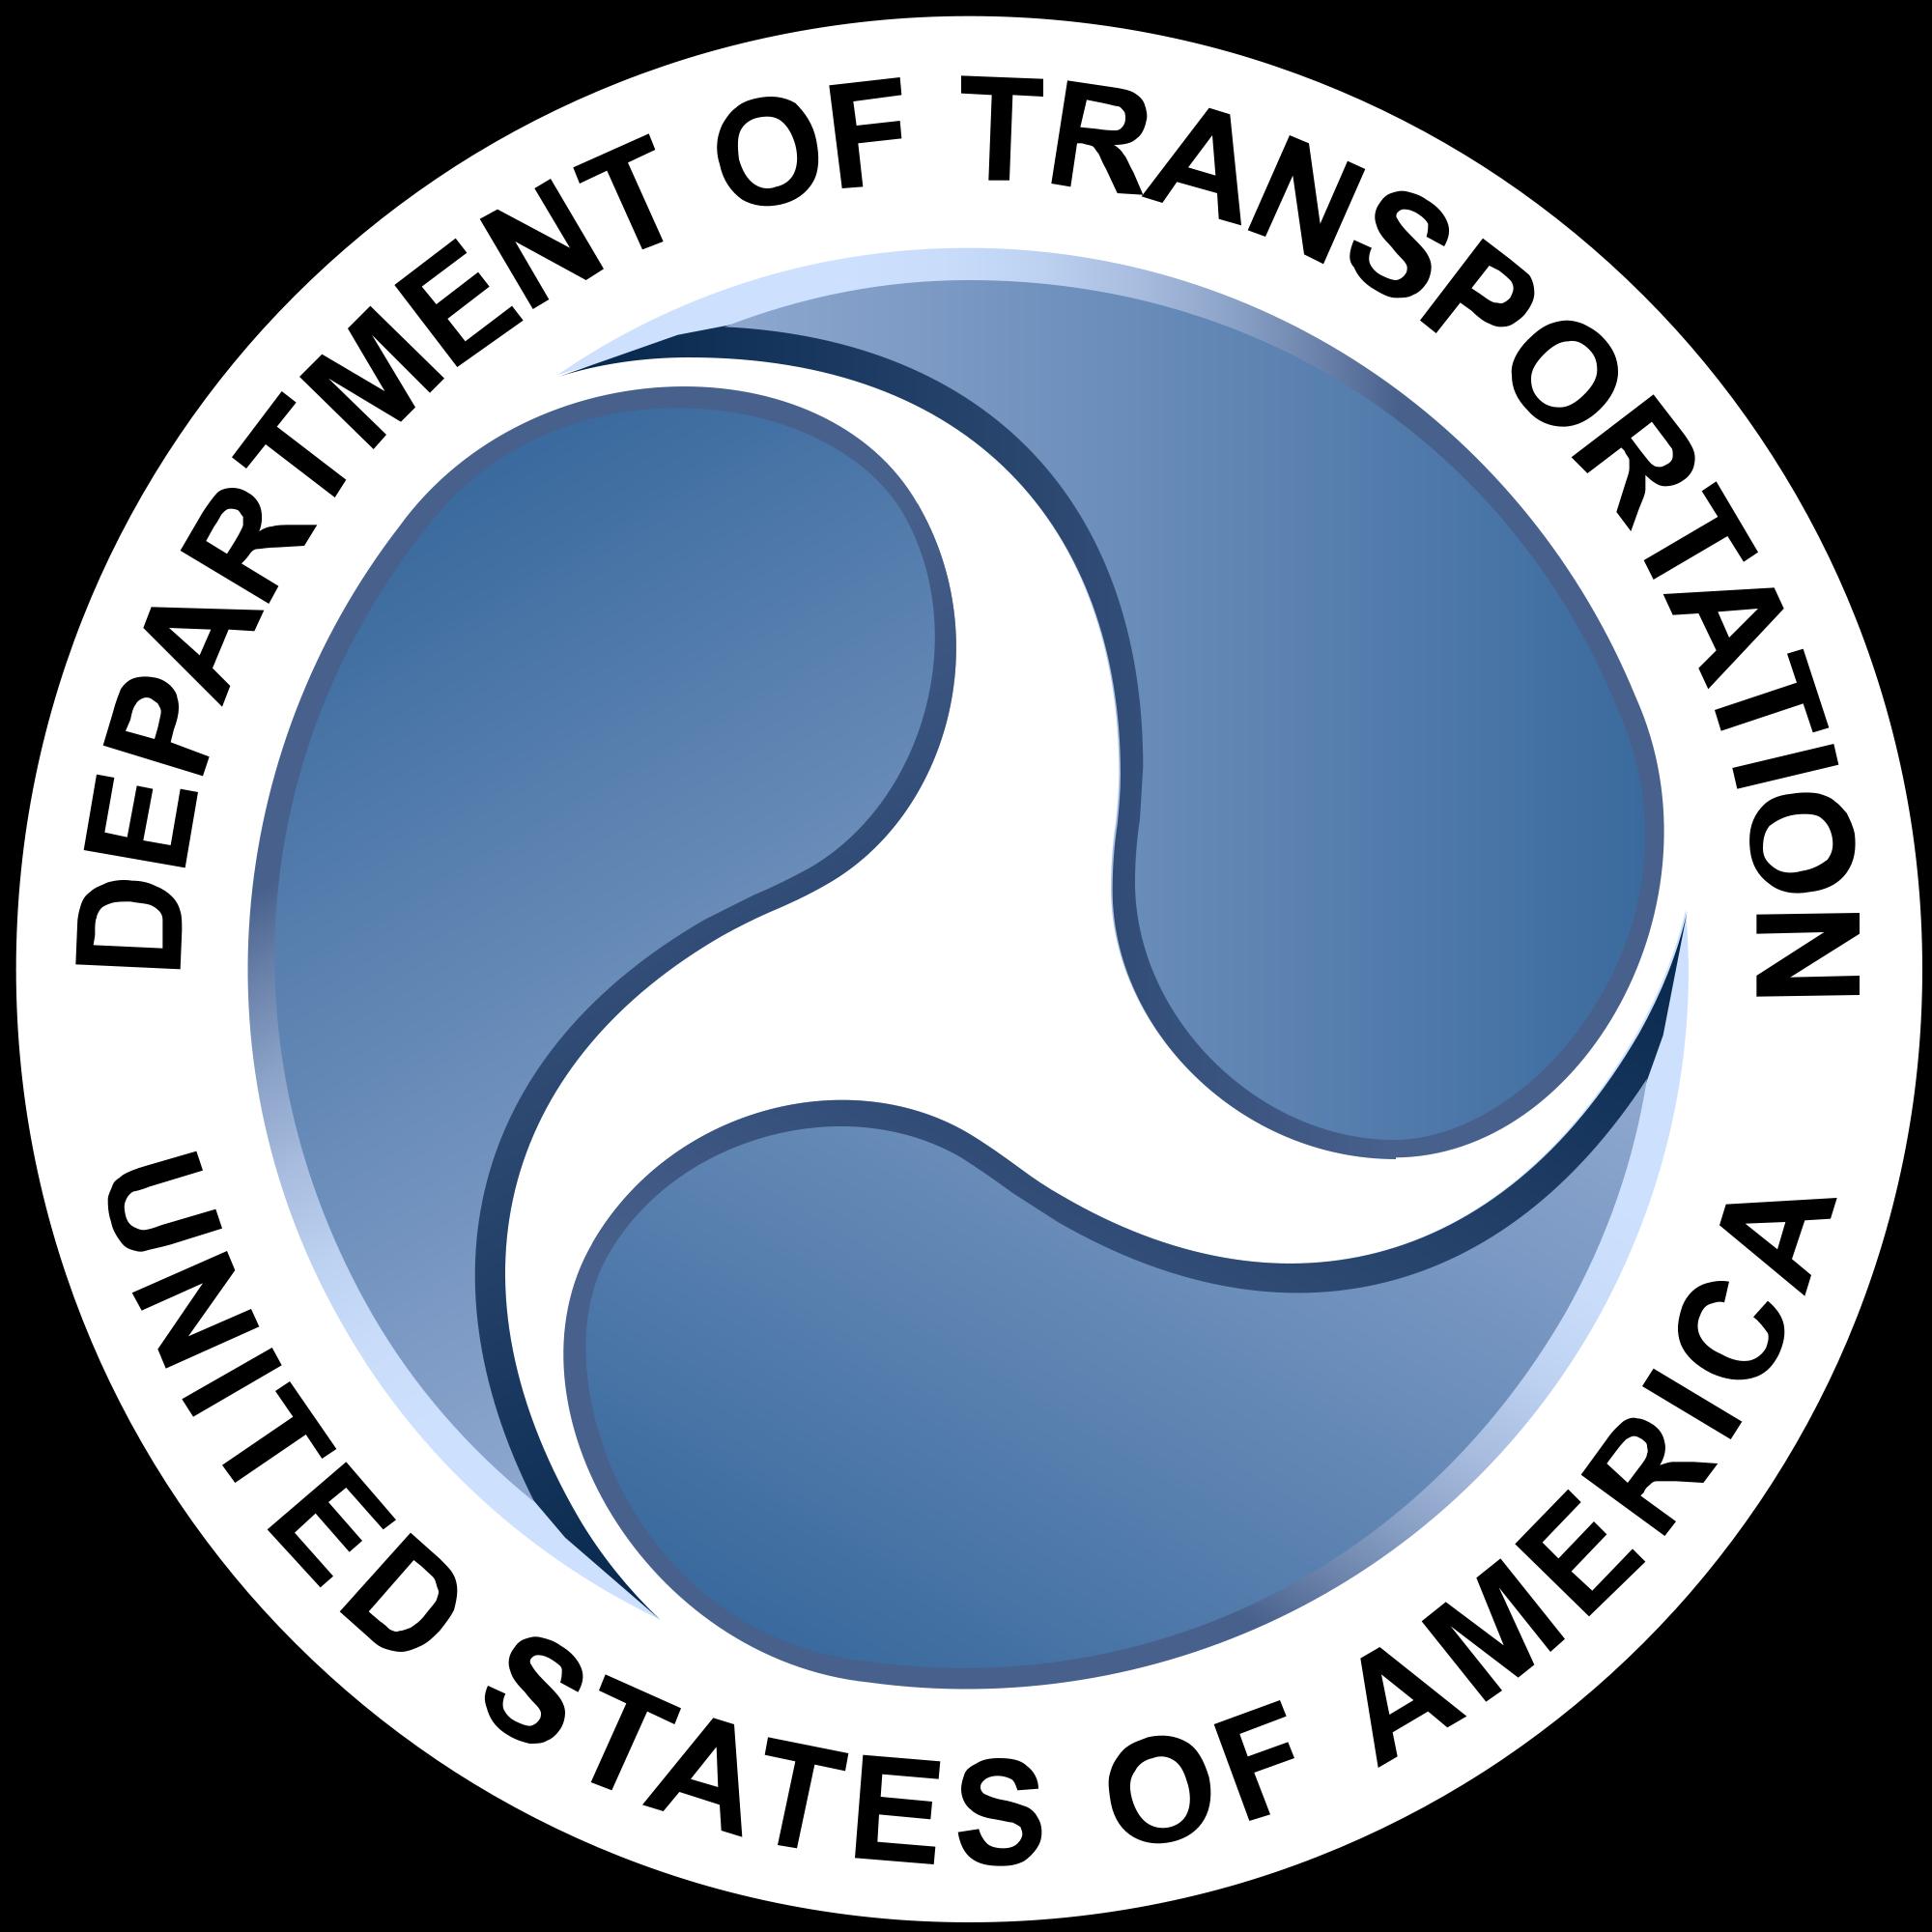 2000px-US-DeptOfTransportation-Seal_svg.png